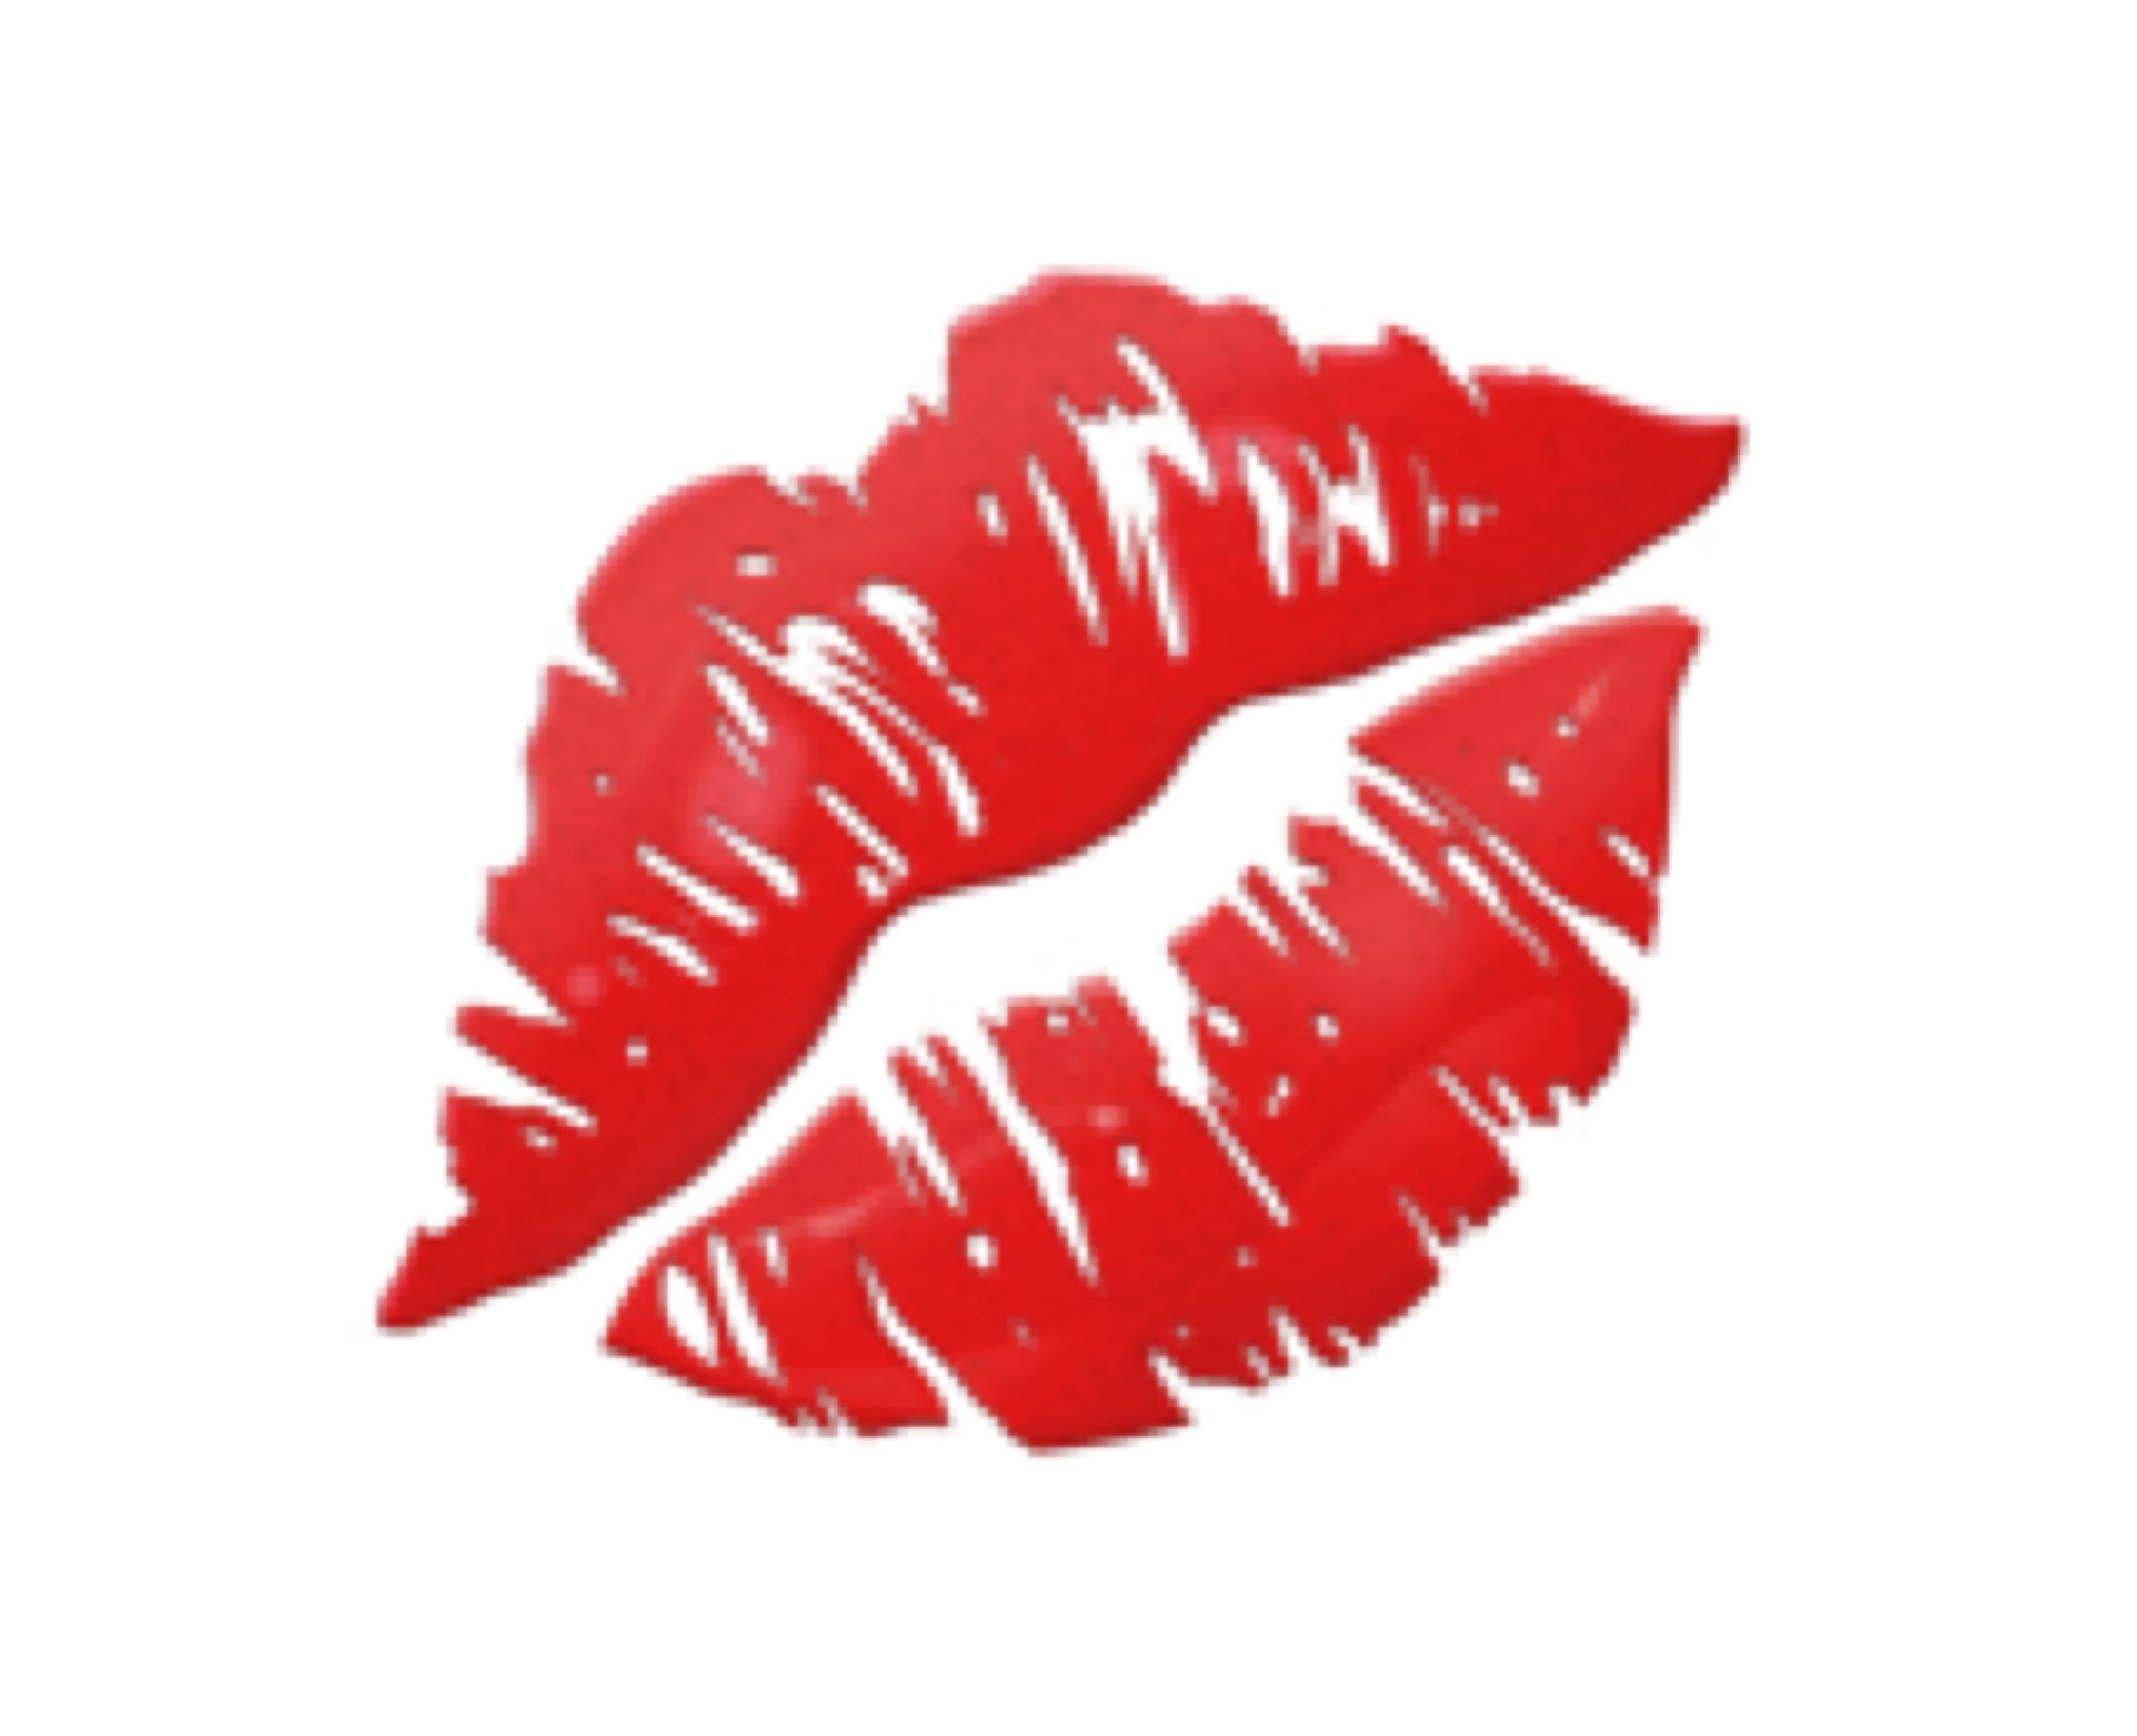 Kiss mark (💋)